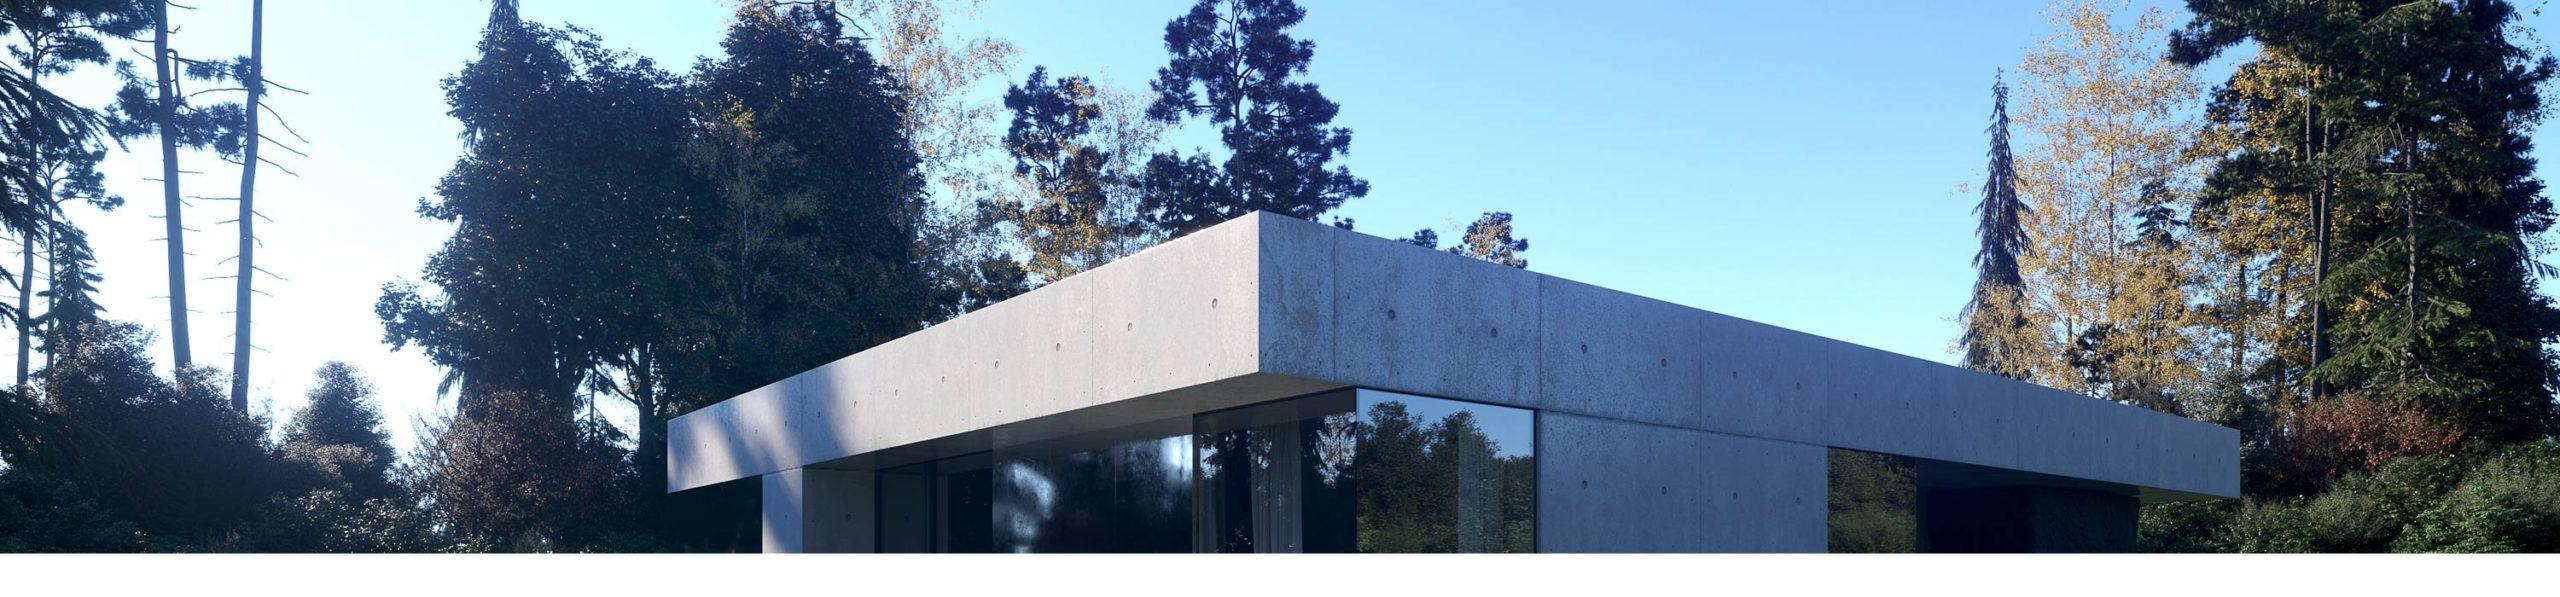 architecture-091